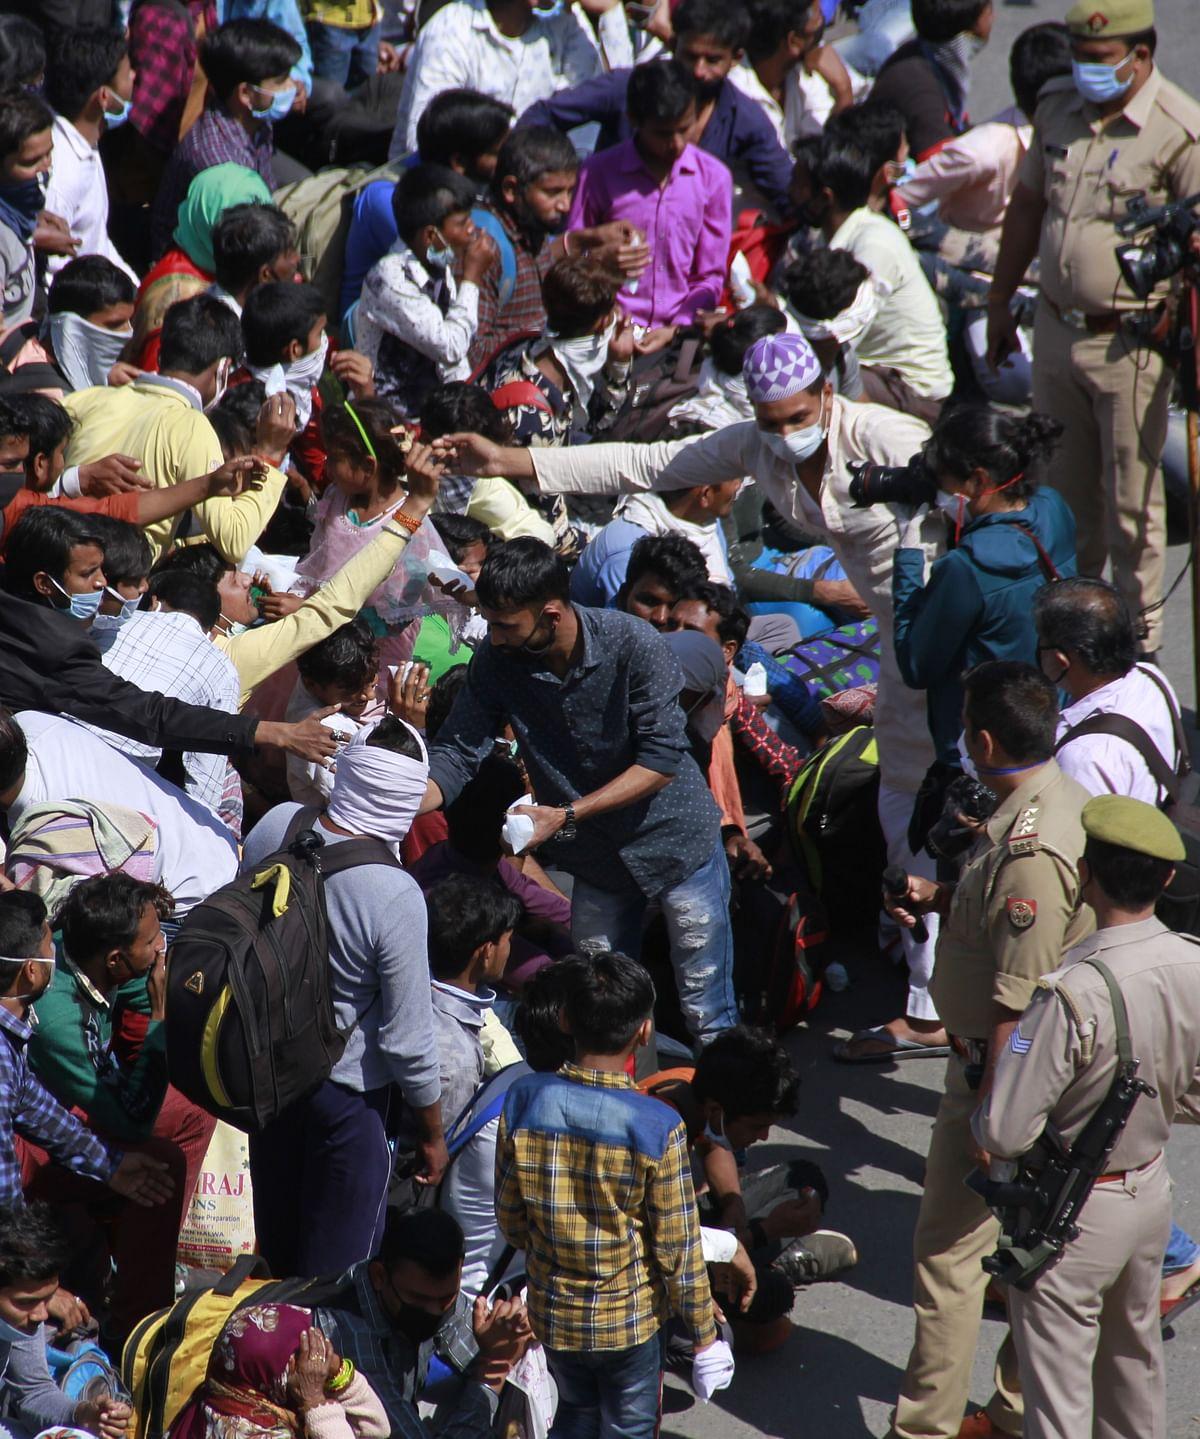 जब प्रशासन के द्वारा  प्रवासियों को राशन दिया गया तो लोग टूट पड़े और लोगों की  भीड़ जमा हो गयी.